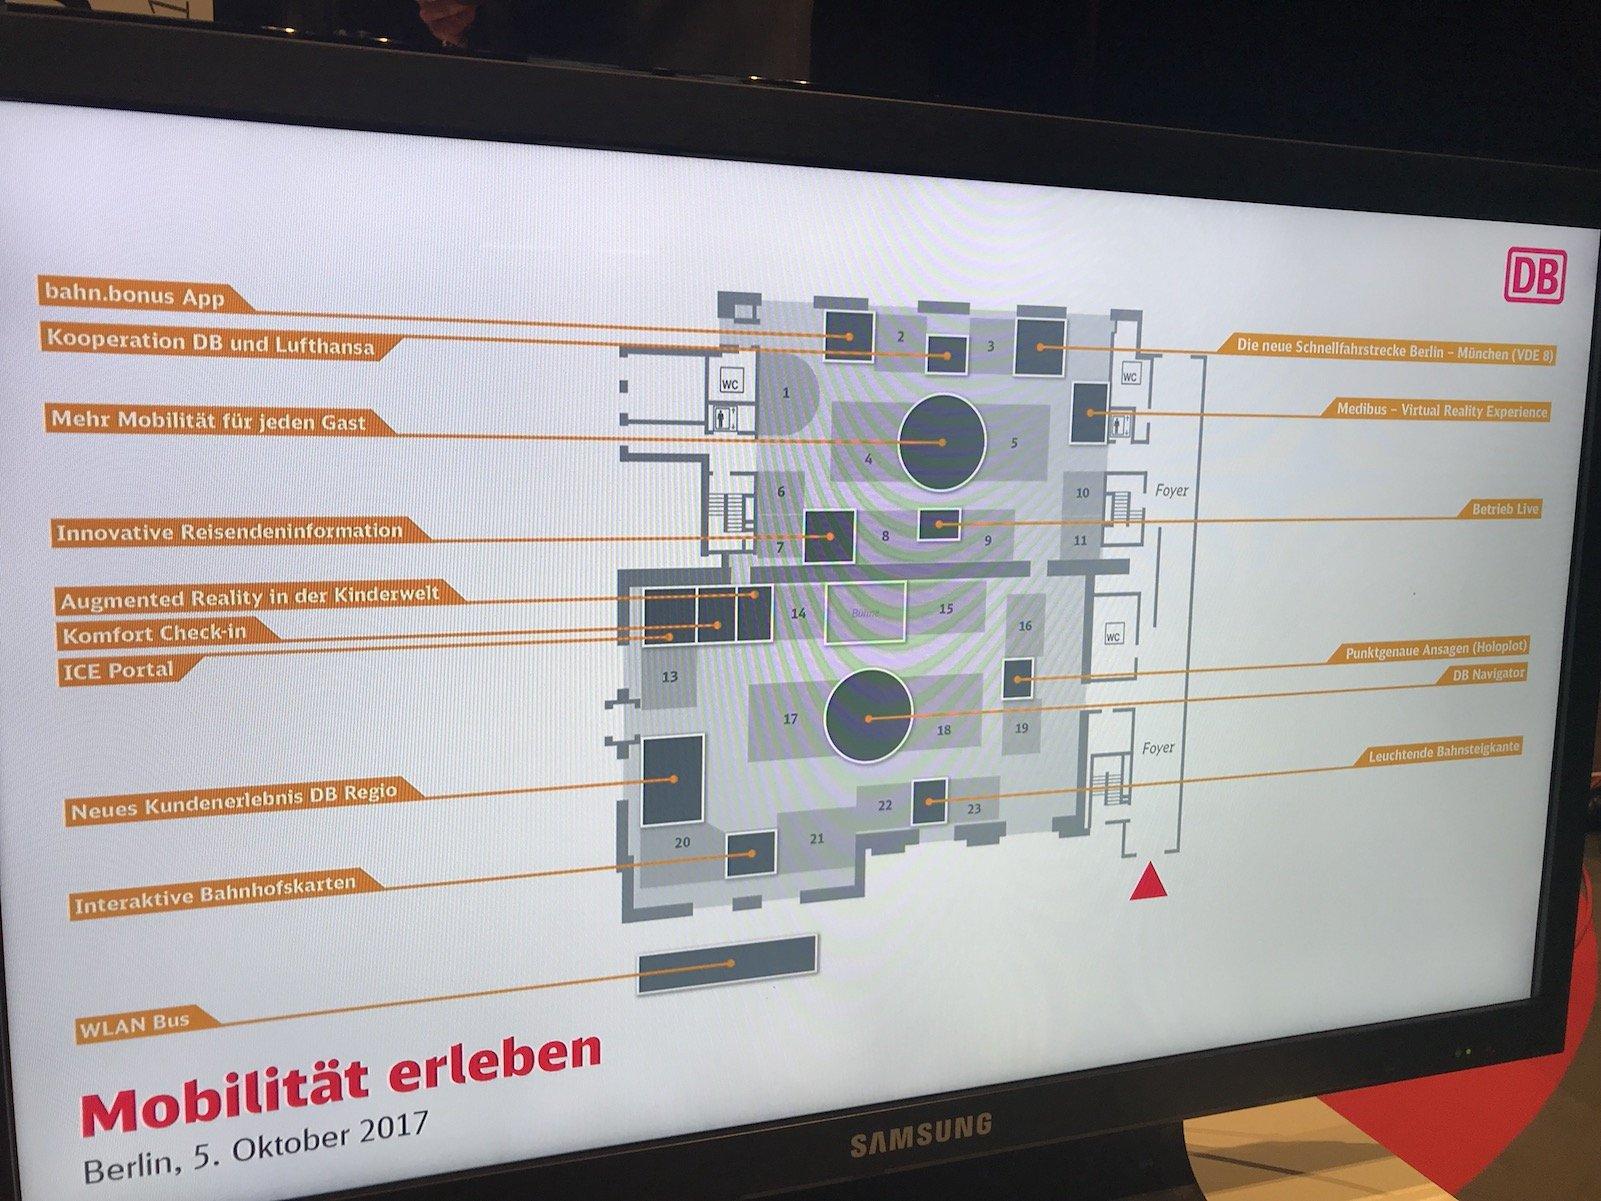 Übersicht über die Stationen mit Neuigkeiten bei der Bahn auf dem Event #DBME17 in Berlin